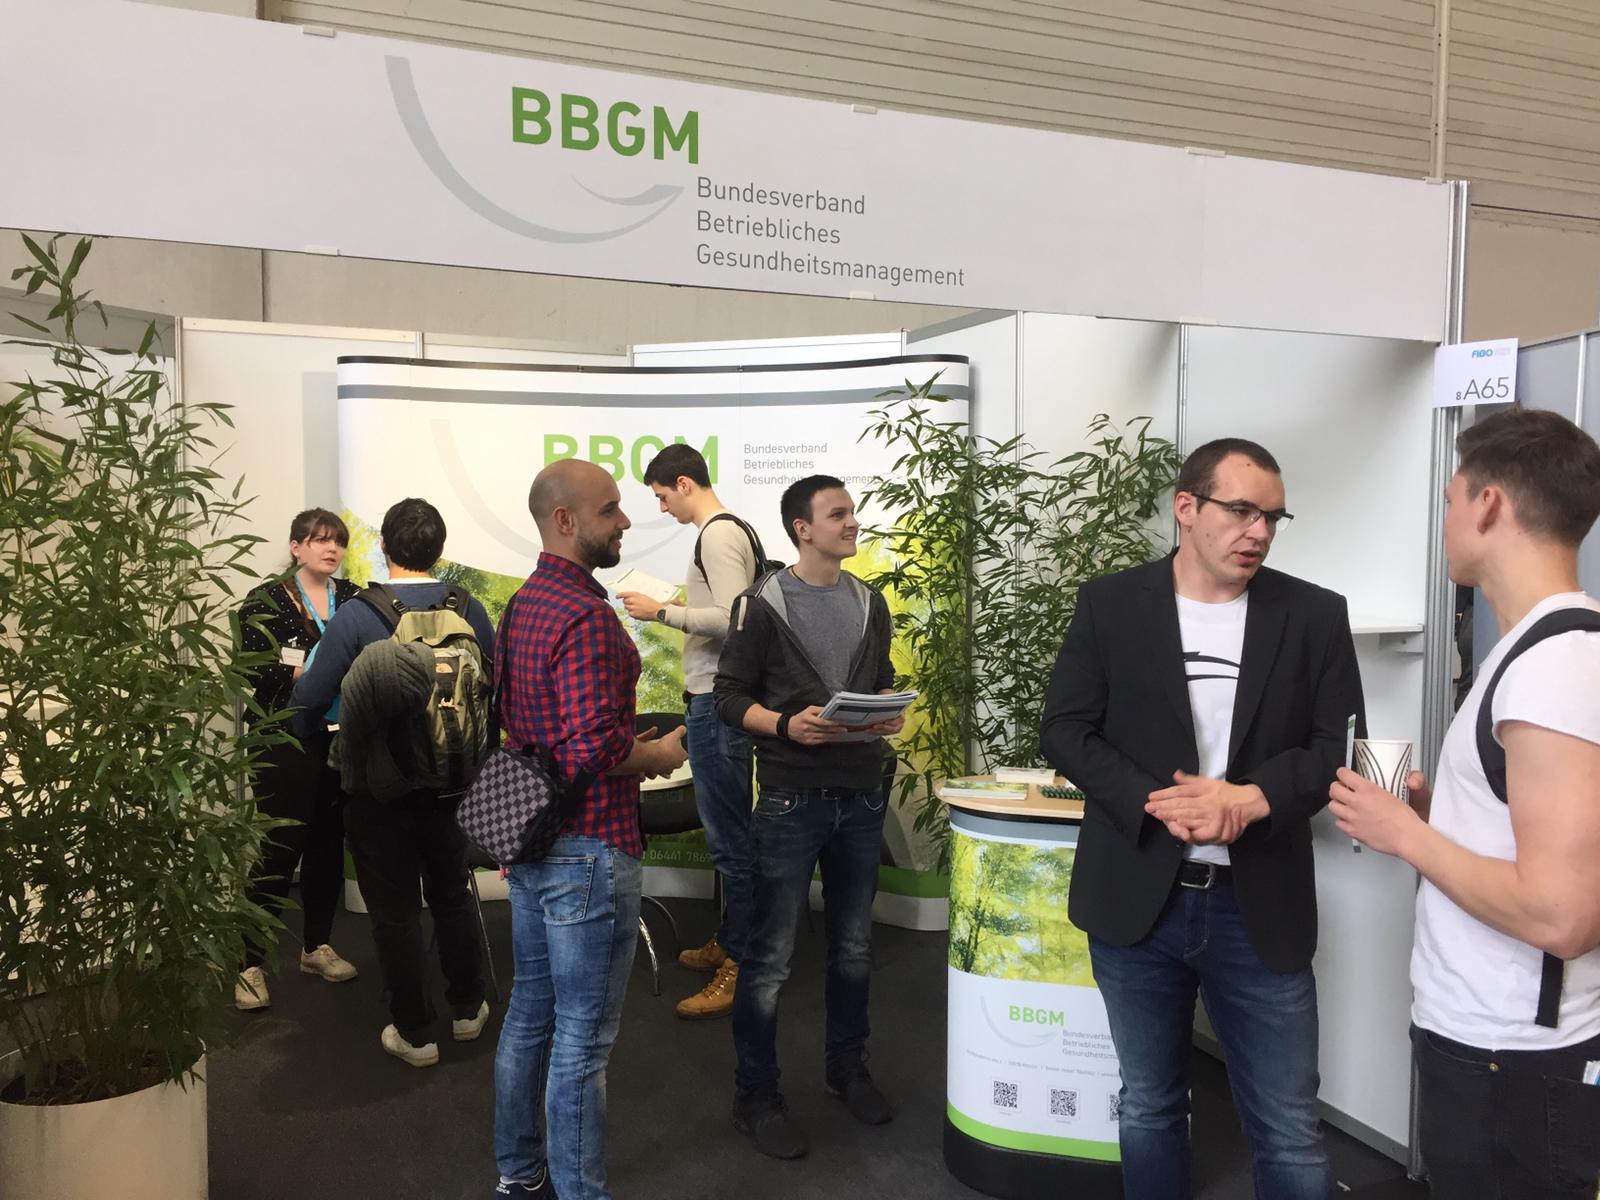 Der BBGM bei der FIBO 2019